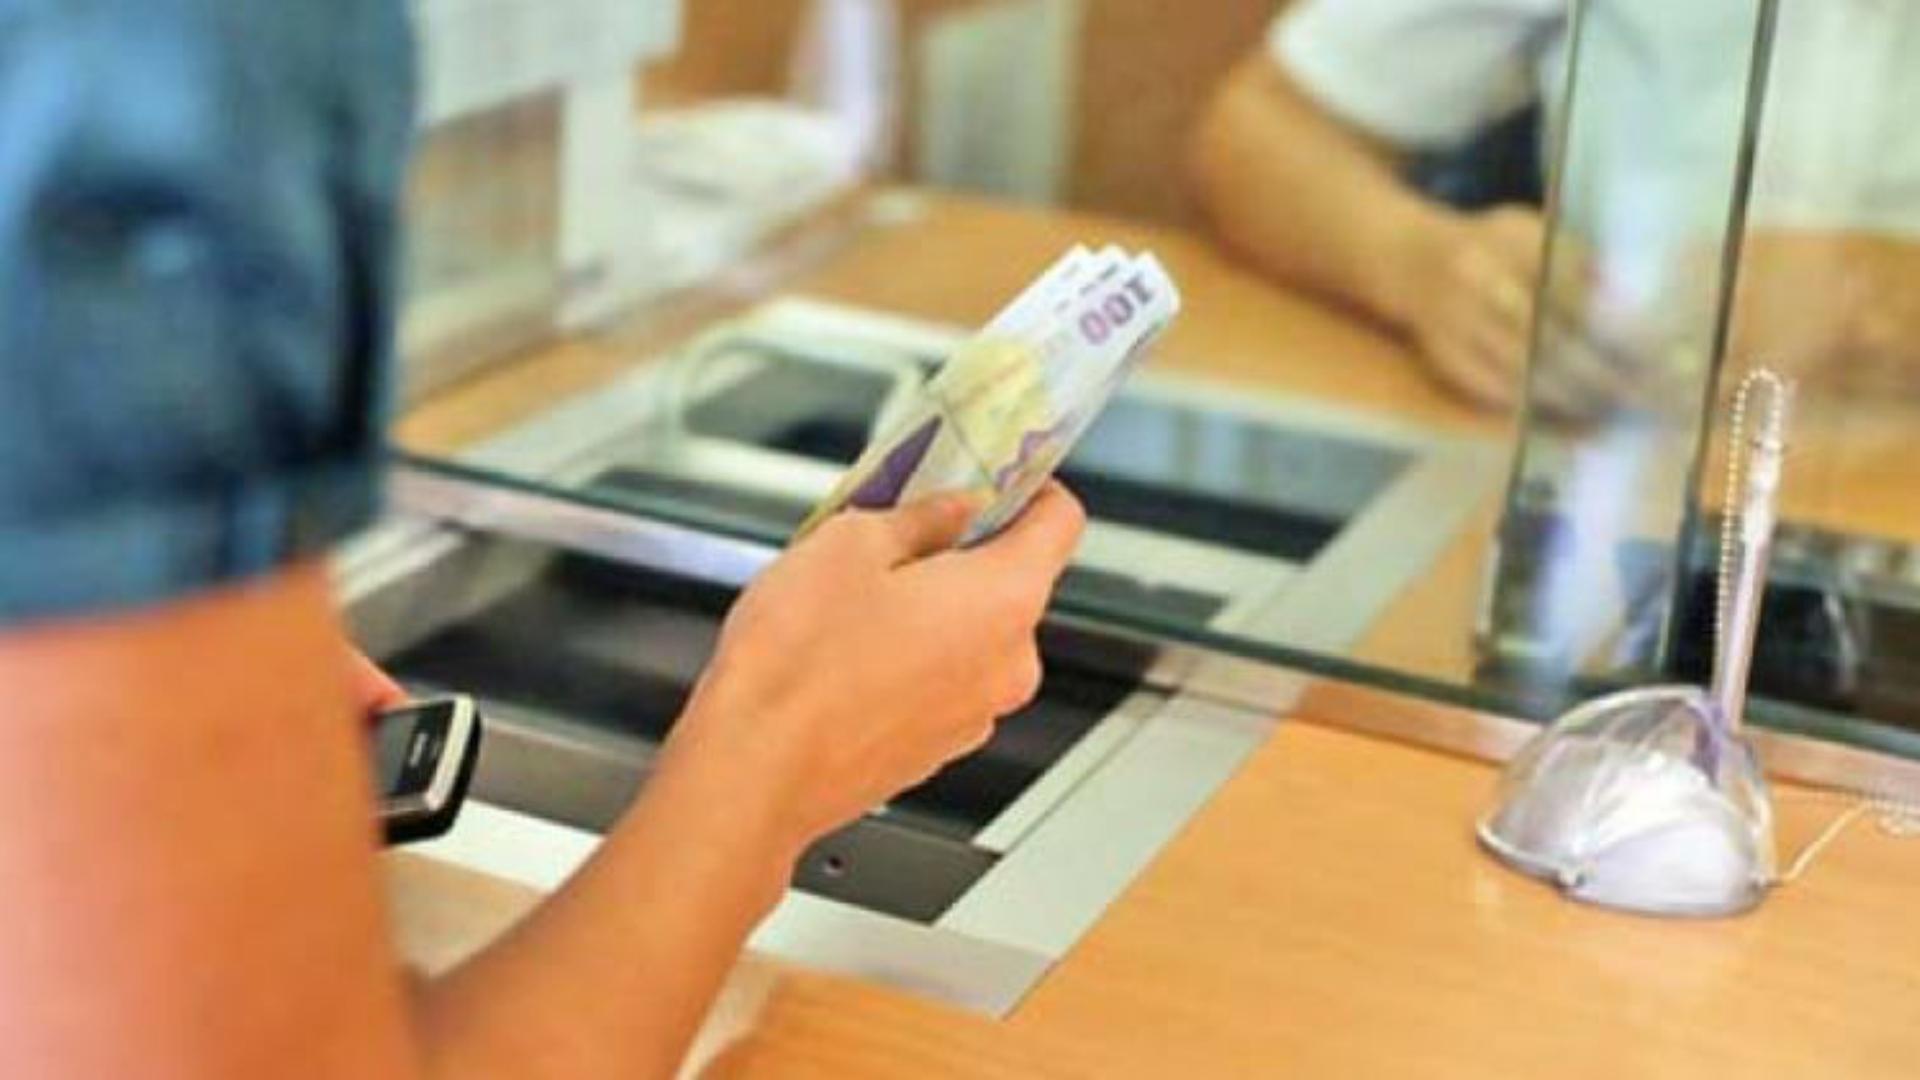 ANPC propune amânarea plăţii ratelor bancare cu 90 de zile